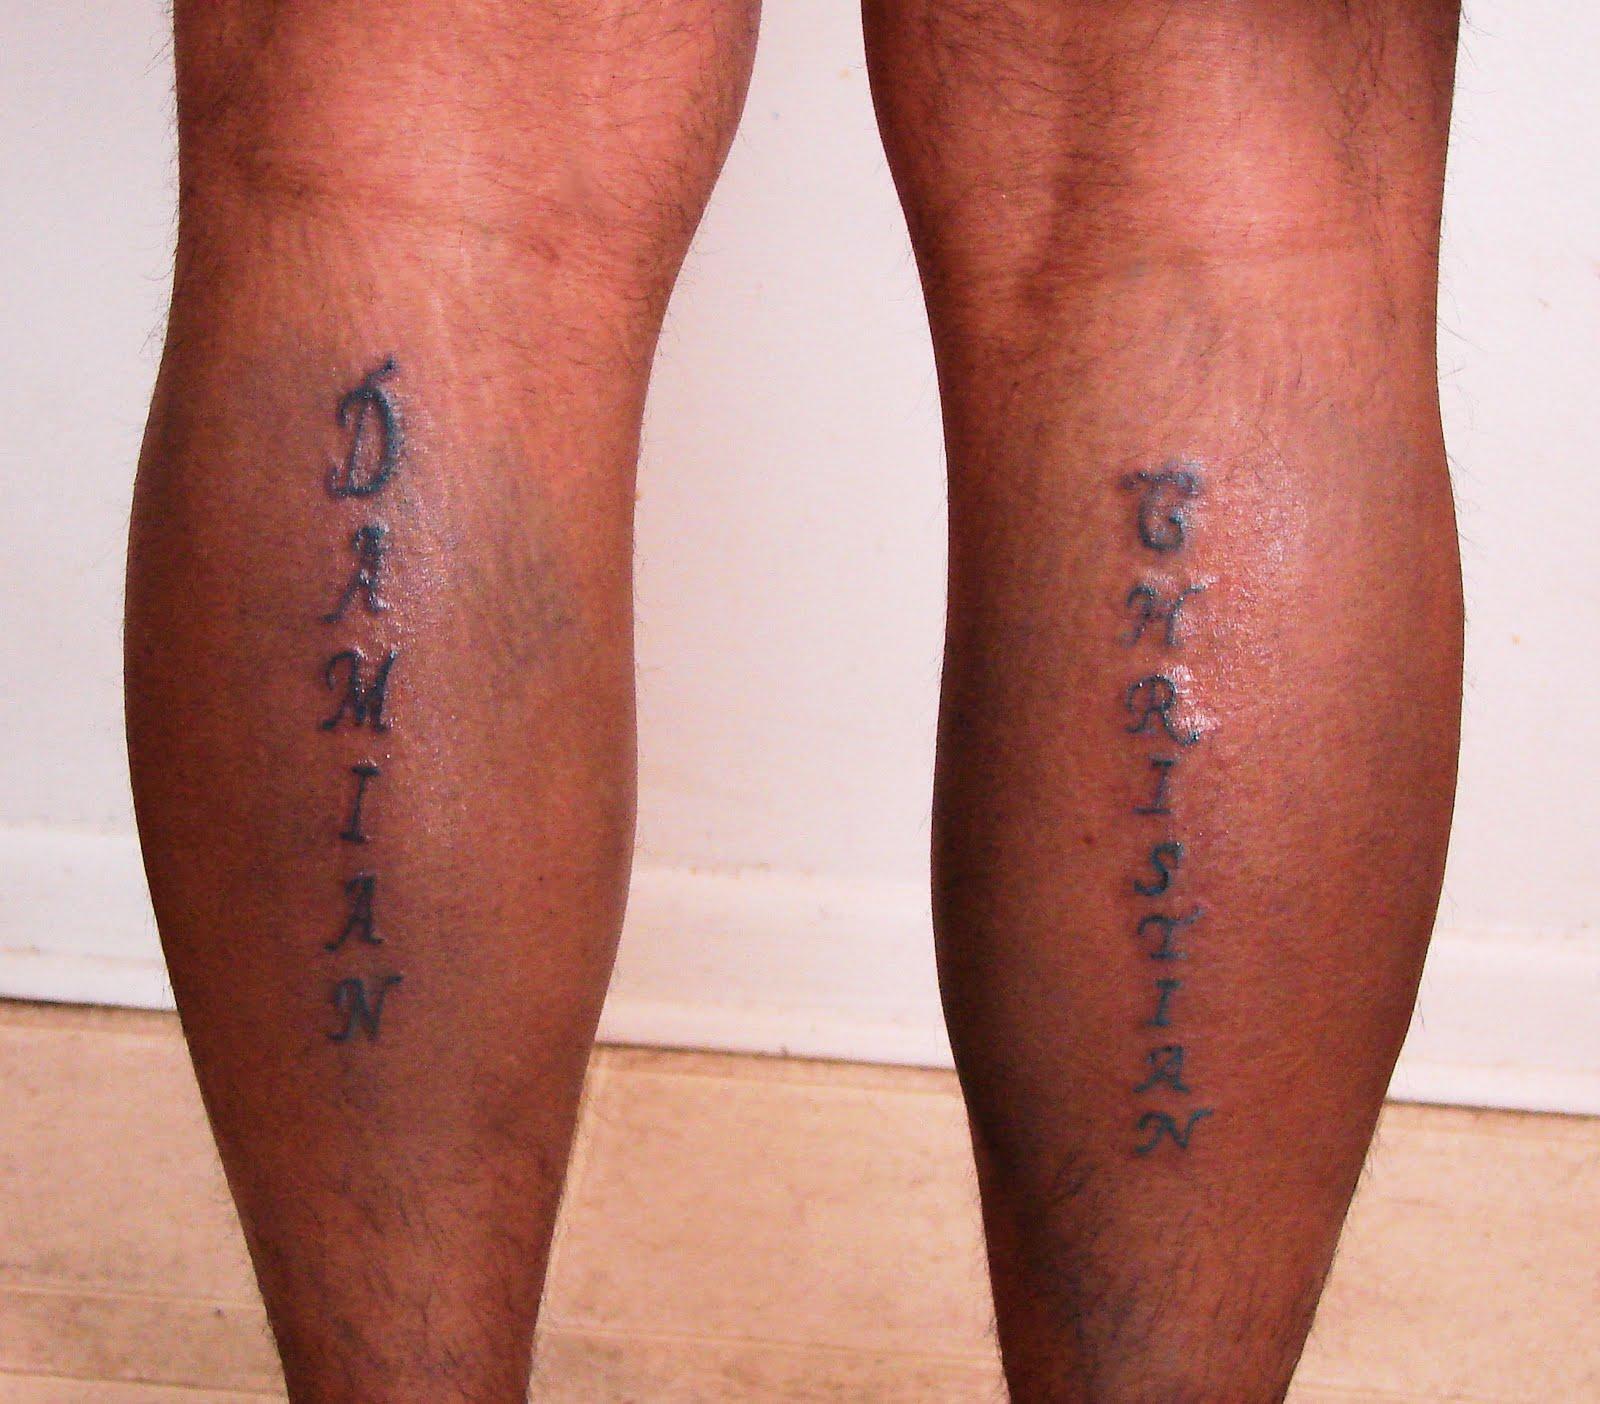 name tattoo designs pictures september 2011. Black Bedroom Furniture Sets. Home Design Ideas